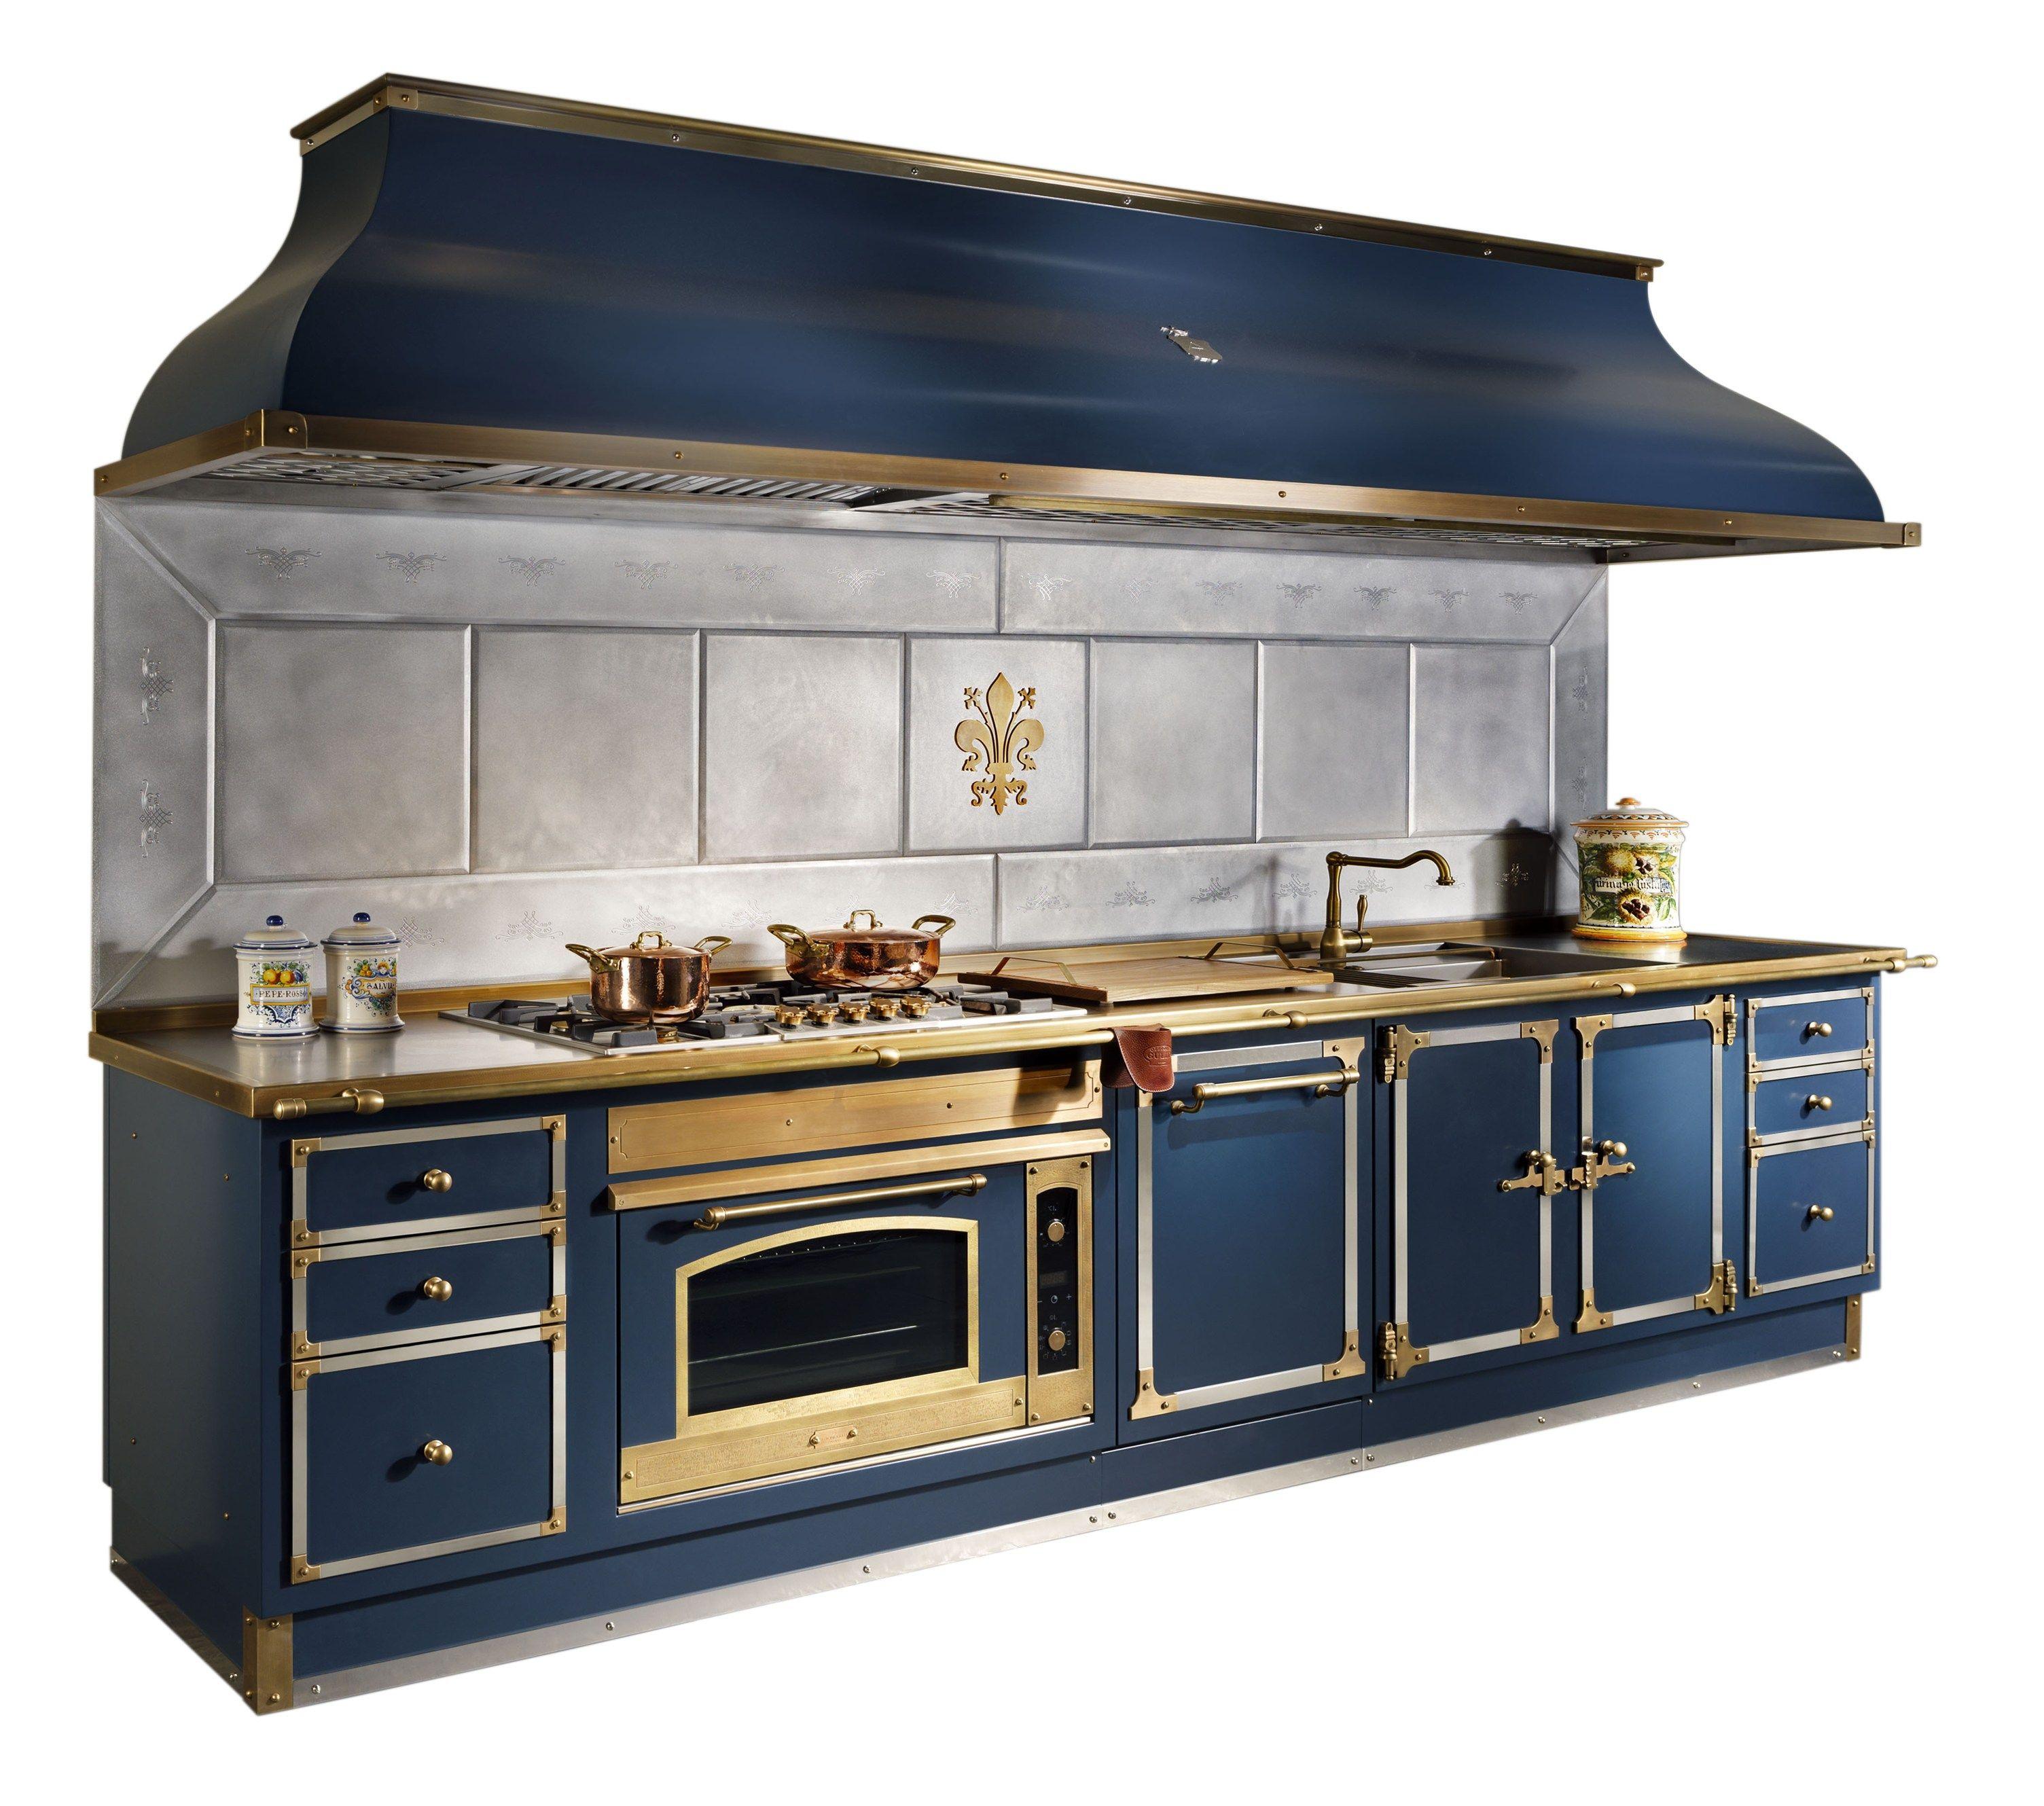 Stanzette moderne - Officine gullo cucine prezzi ...